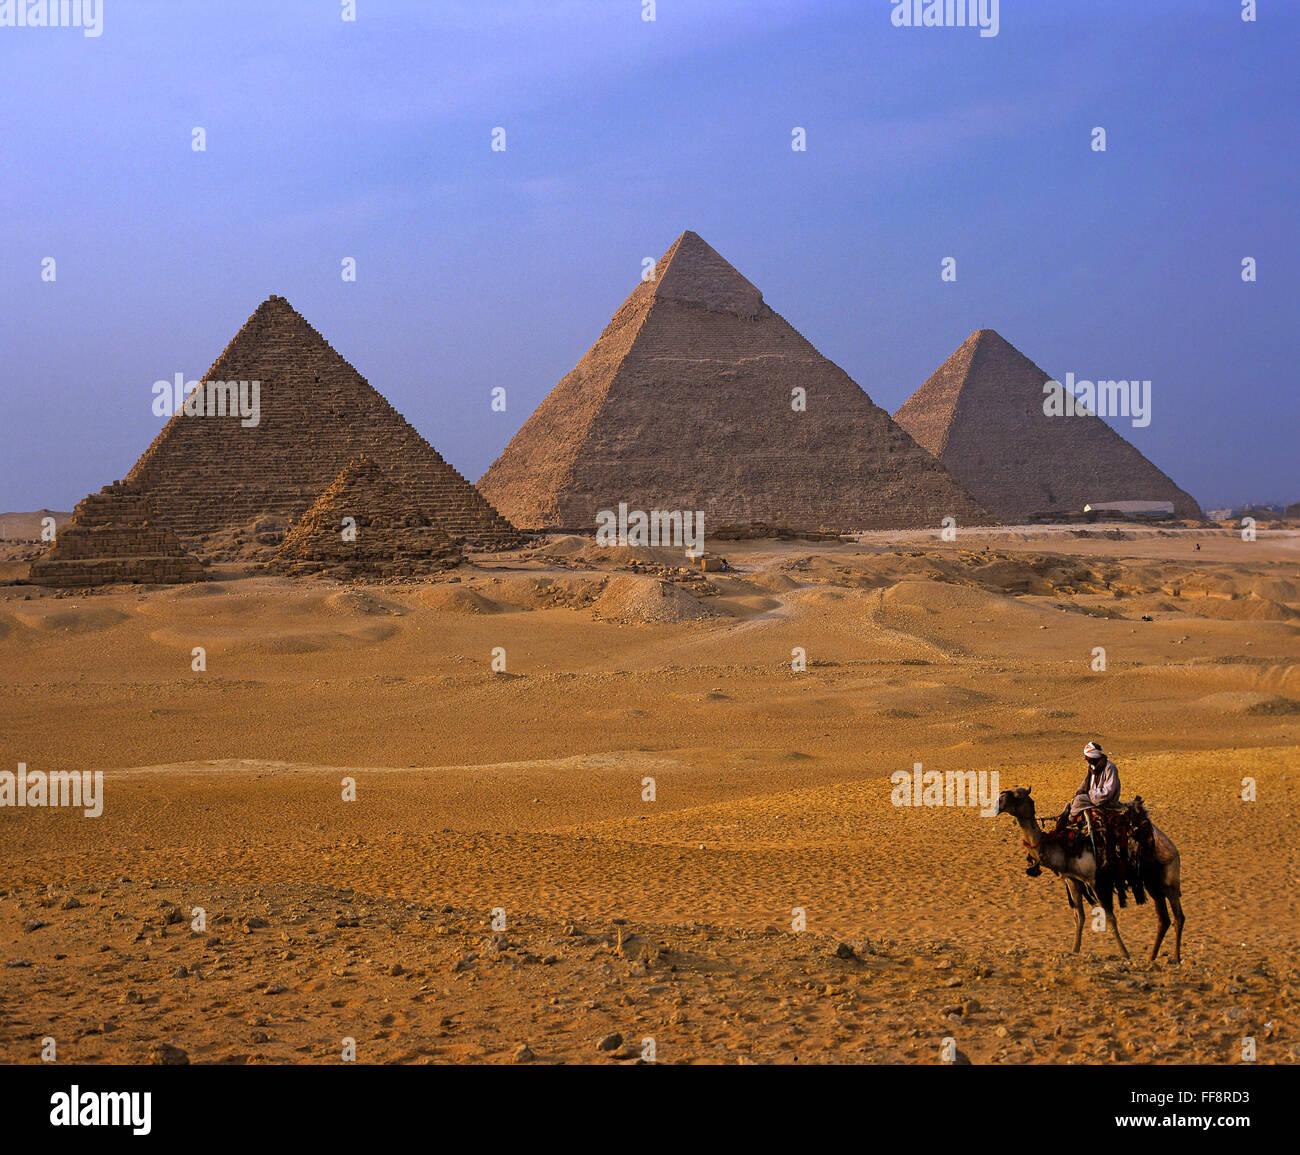 Il cammello e le piramidi di Giza, plateau, Il Cairo, Egitto, Africa Immagini Stock